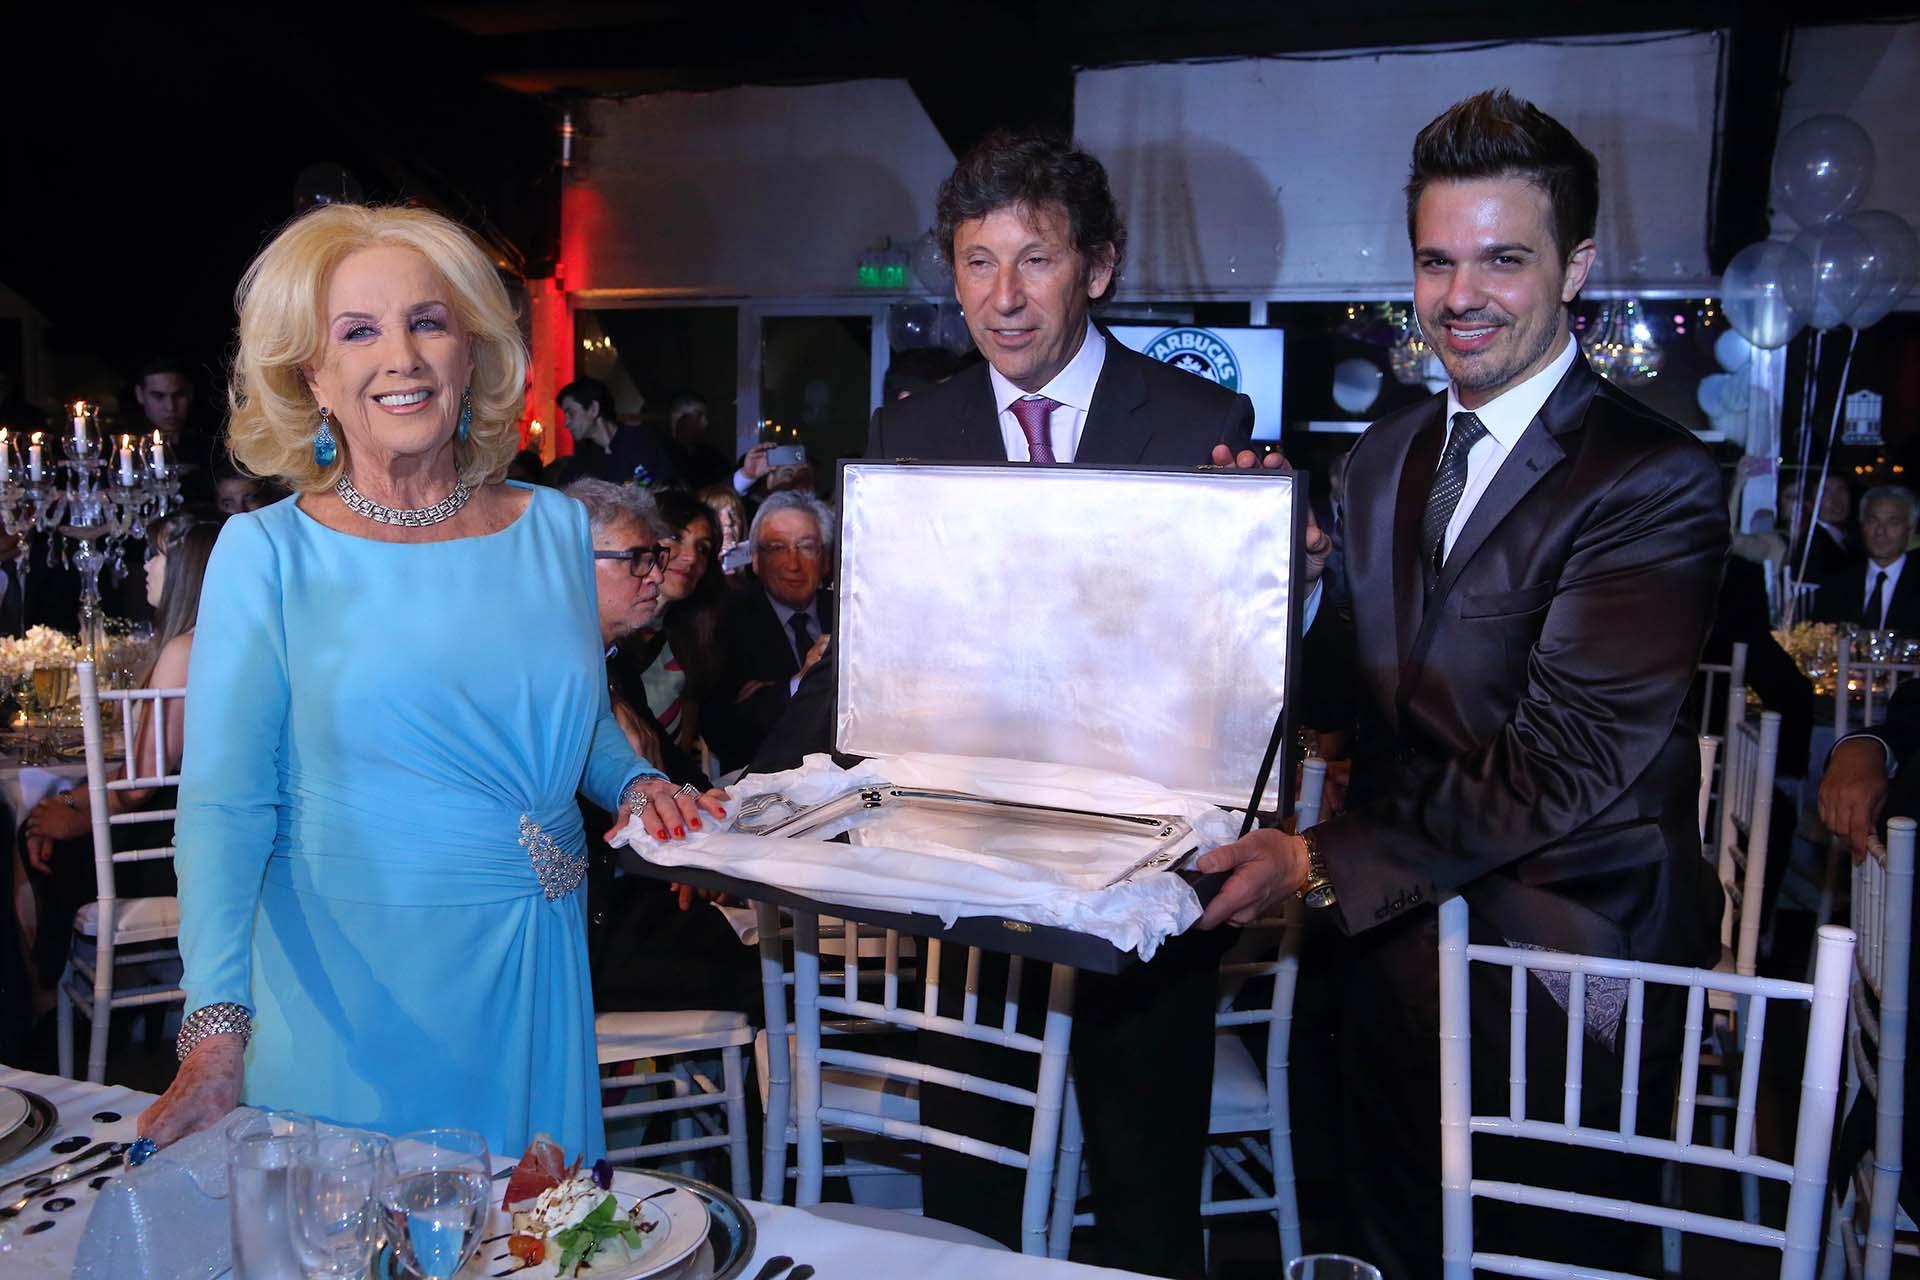 El intendente Gustavo Posse y Alejandro Viñas, productor general de la gala, entregan la distinción Embajadora Solidaria 2017 a Mirtha Legrand